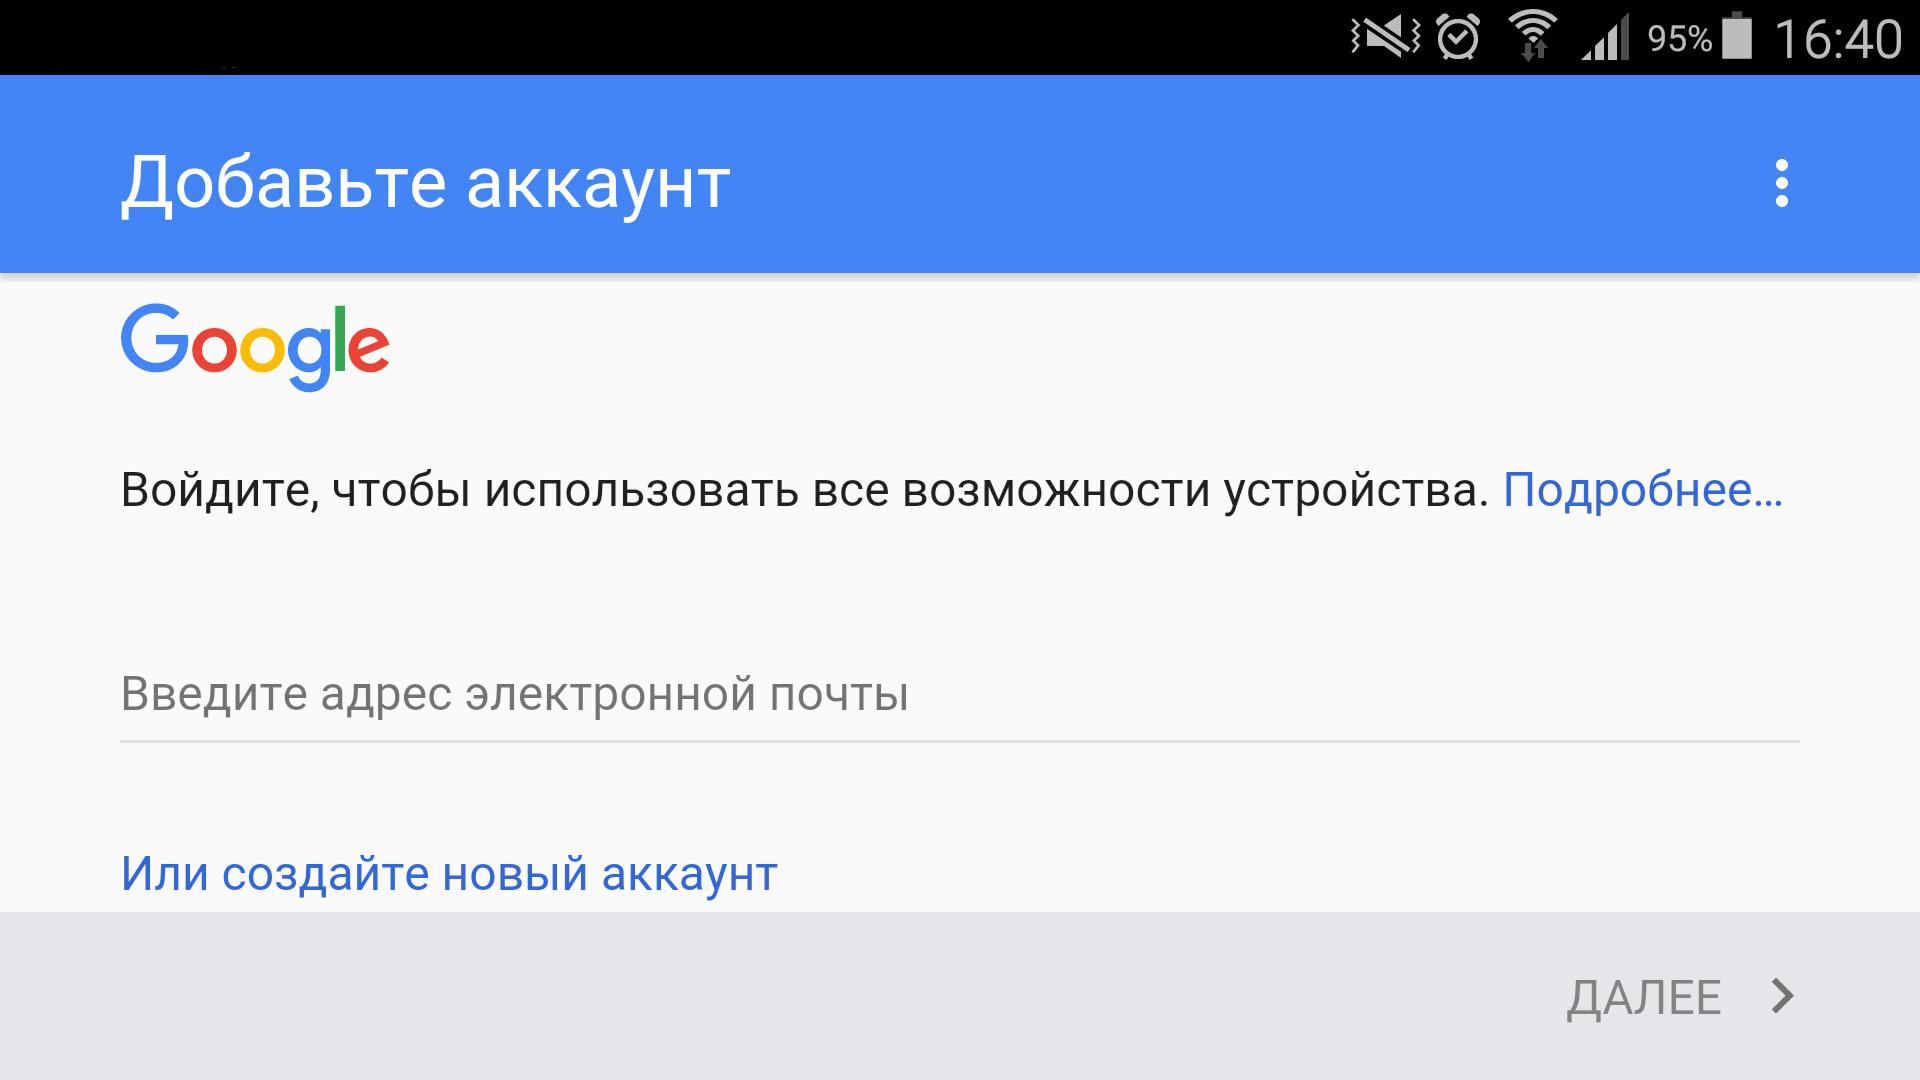 Вводим данные от аккаунта гугл для выполнения входа